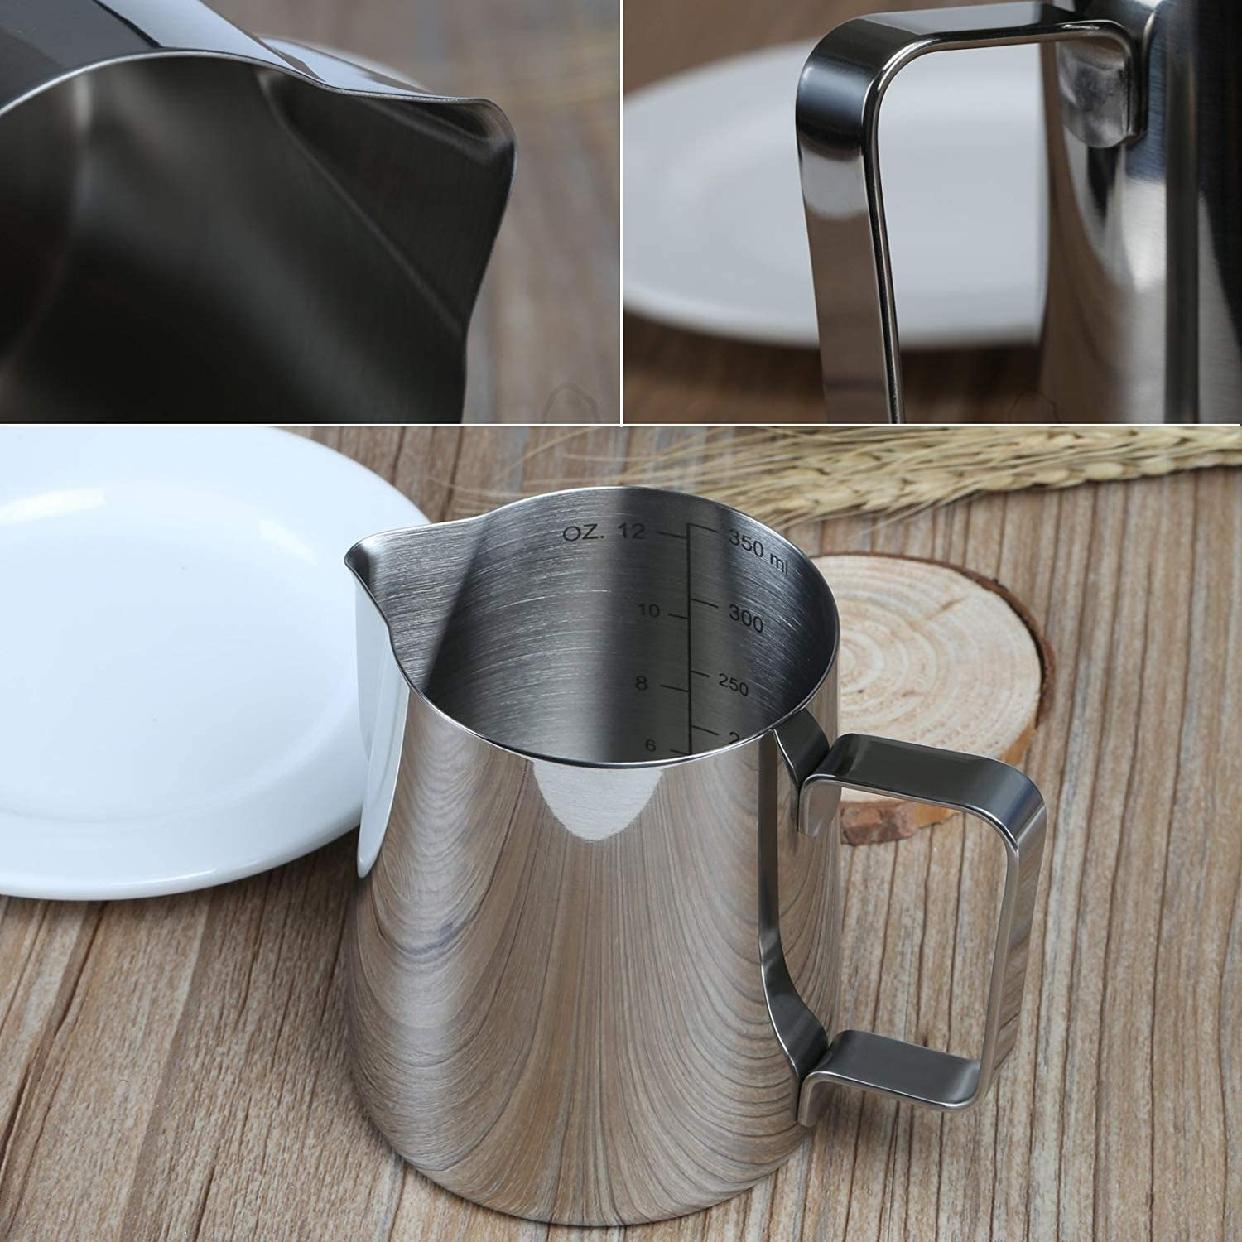 GWHOLE(ジホール)ミルクピッチャー ステンレス製 350ml シルバーの商品画像6